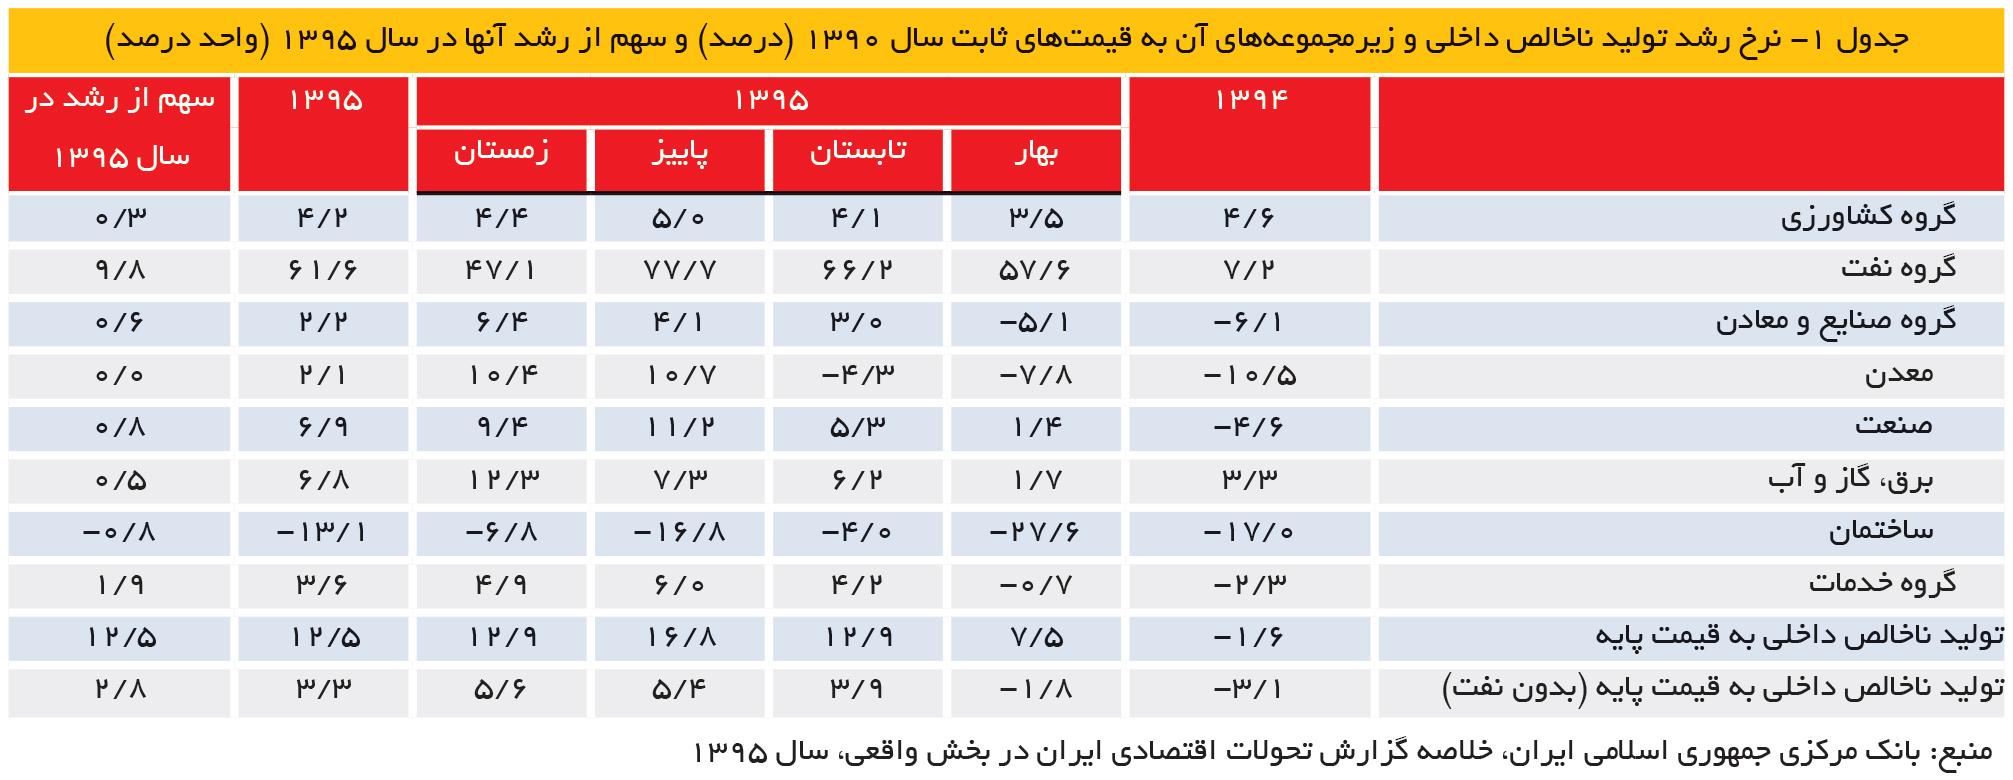 تجارت- فردا- جدول 1- نرخ رشد تولید ناخالص داخلی و زیرمجموعههای آن به قیمتهای ثابت سال 1390 (درصد) و سهم از رشد آنها در سال 1395 (واحد درصد)